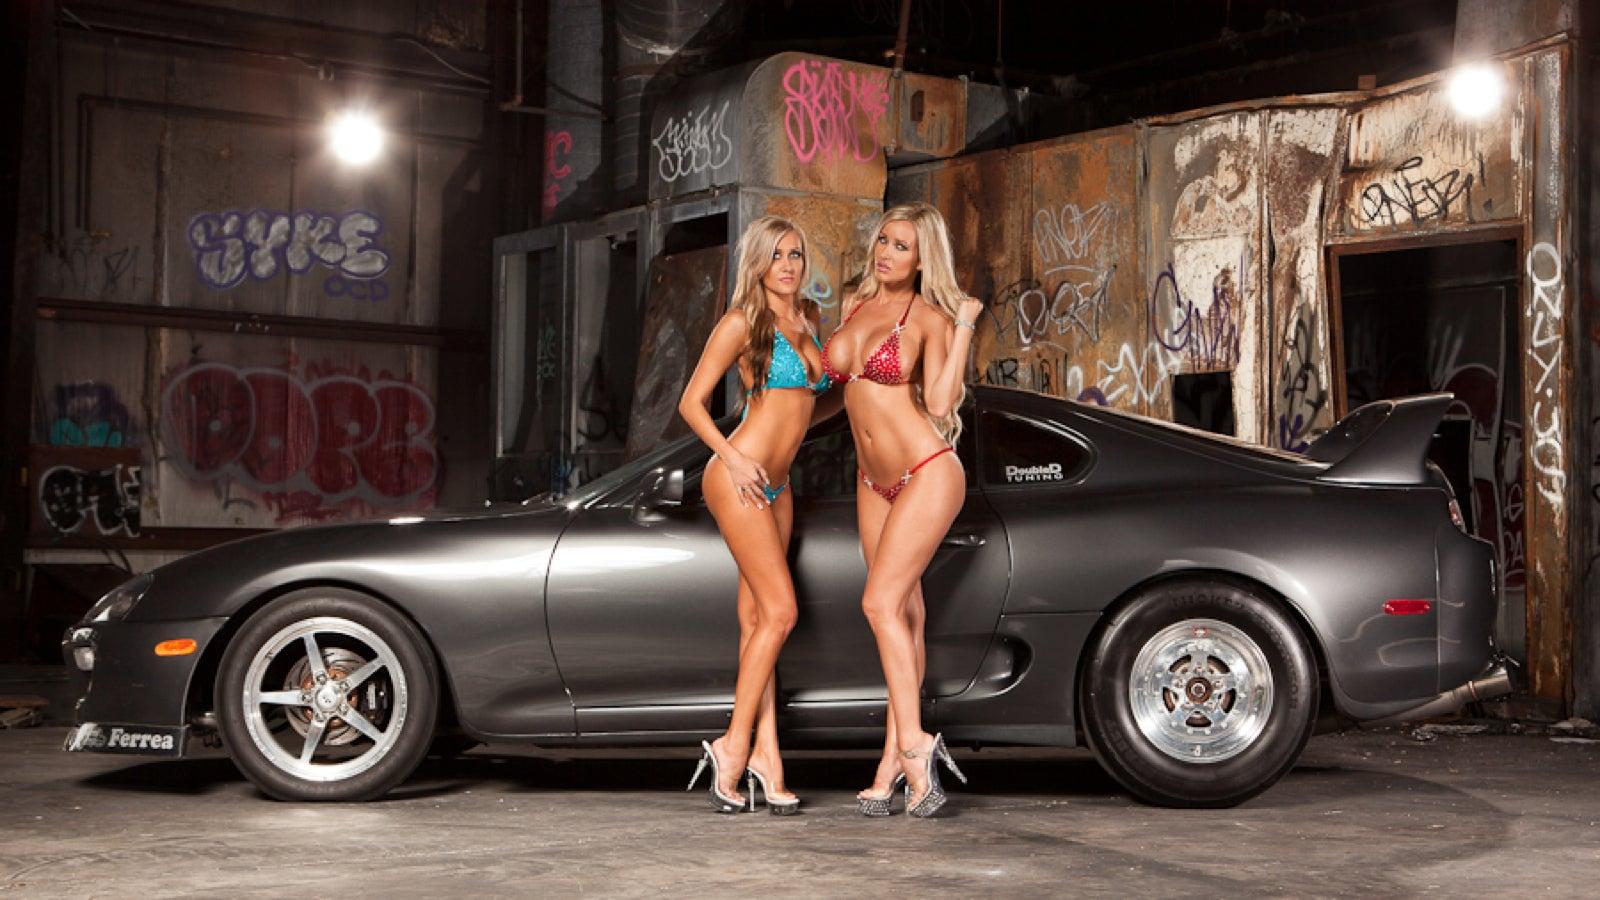 Фото сексуальные девушки и автомобили 8 фотография